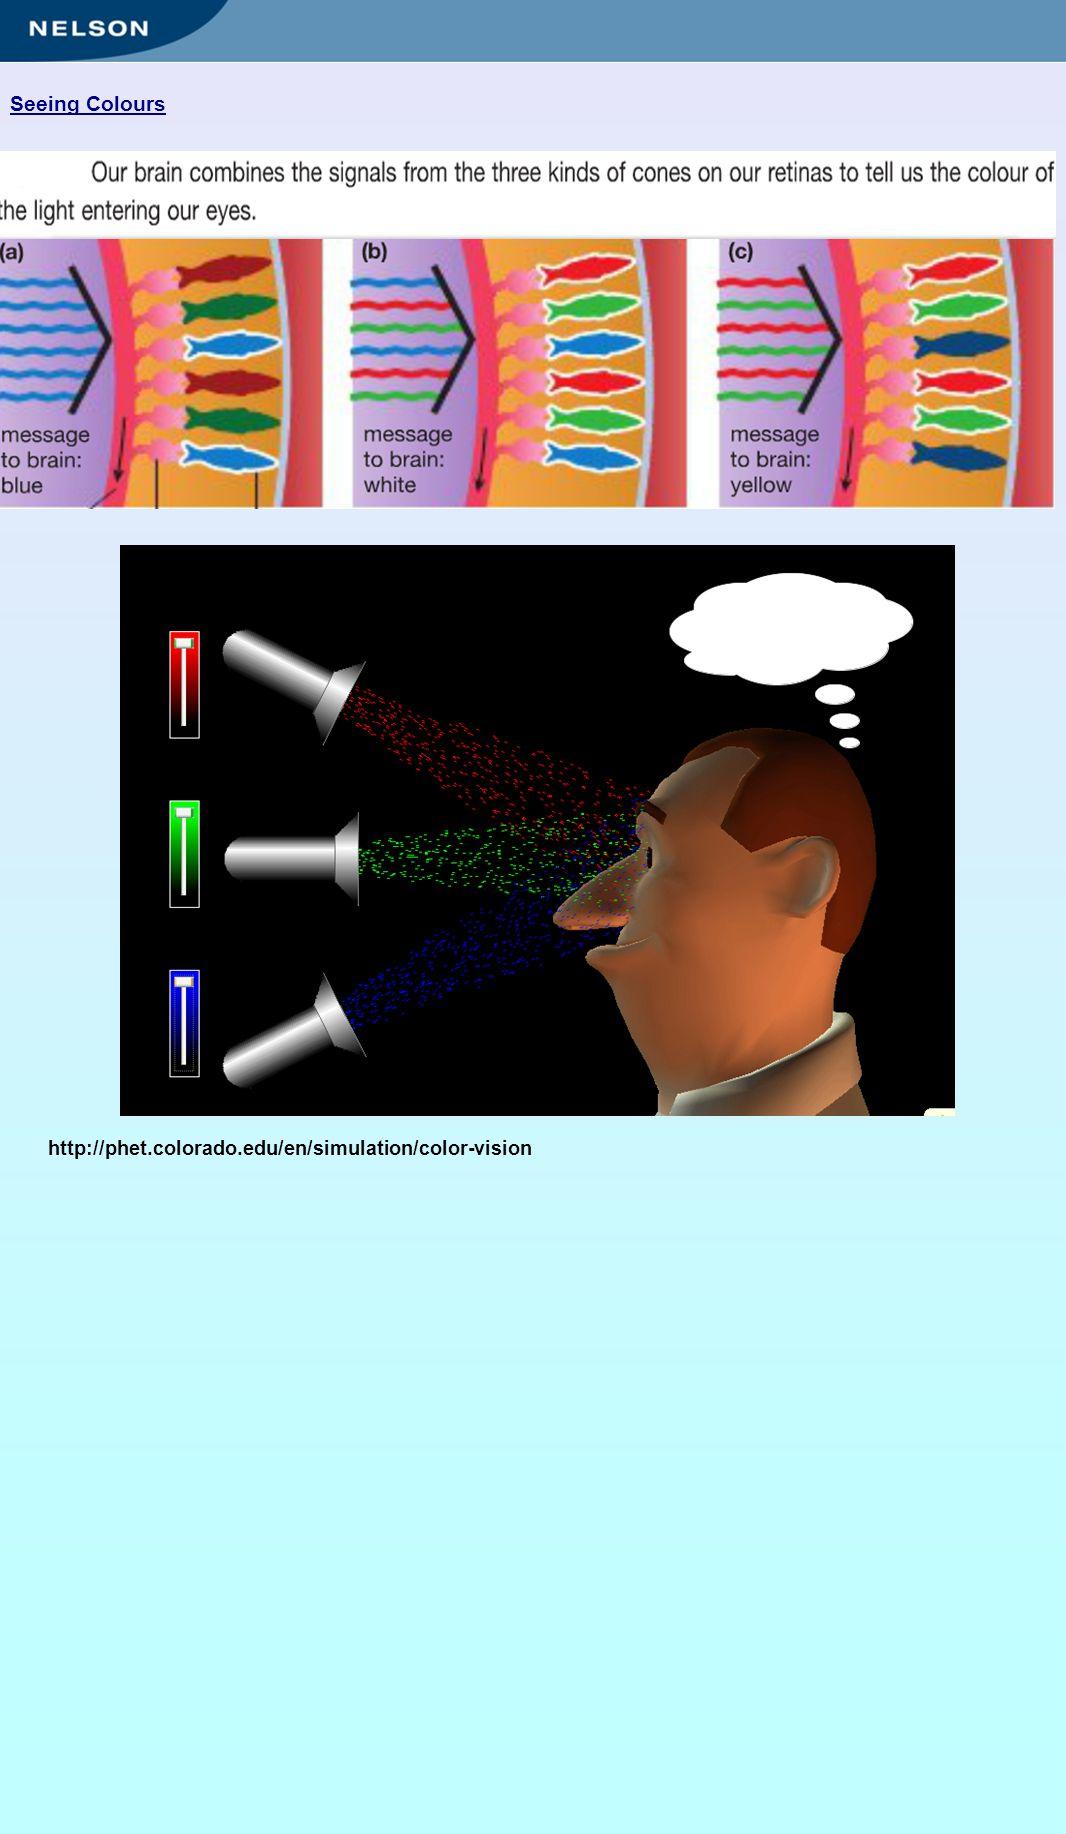 Seeing Colours http://phet.colorado.edu/en/simulation/color-vision